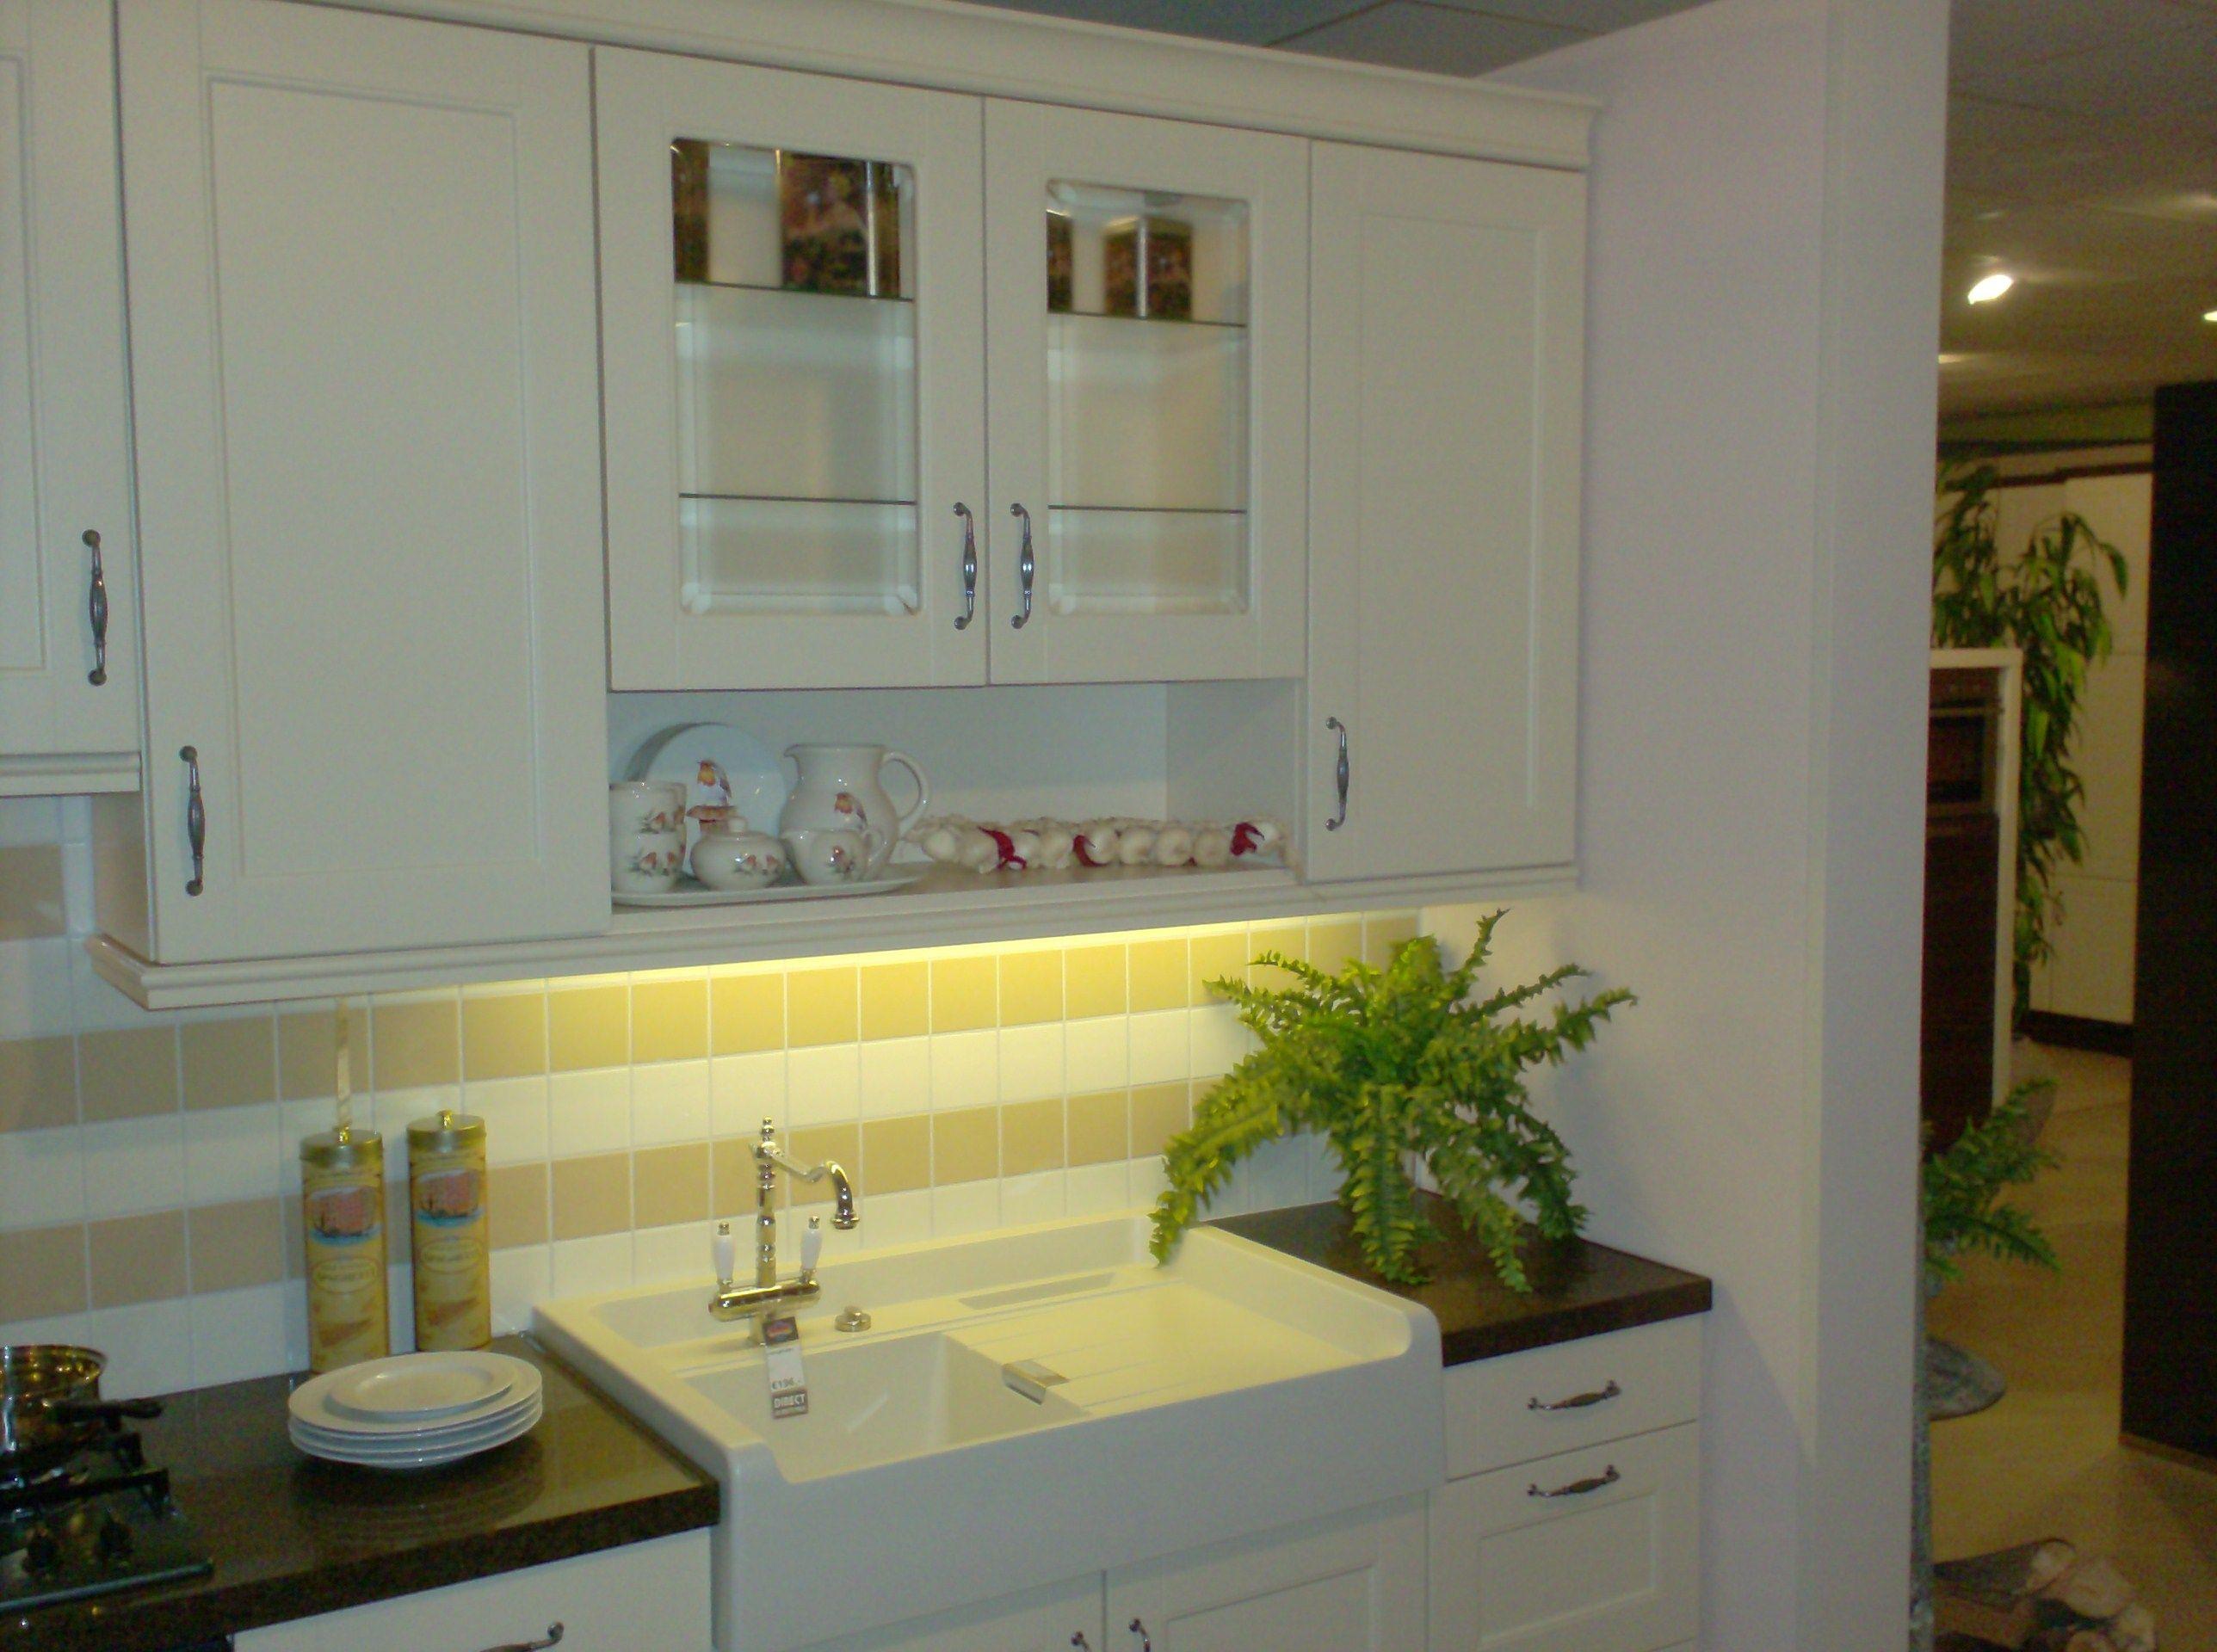 Keuken Kleur Sahara : Stijlvolle landhuiskeuken die opvalt door het stenen werkblad en zijn